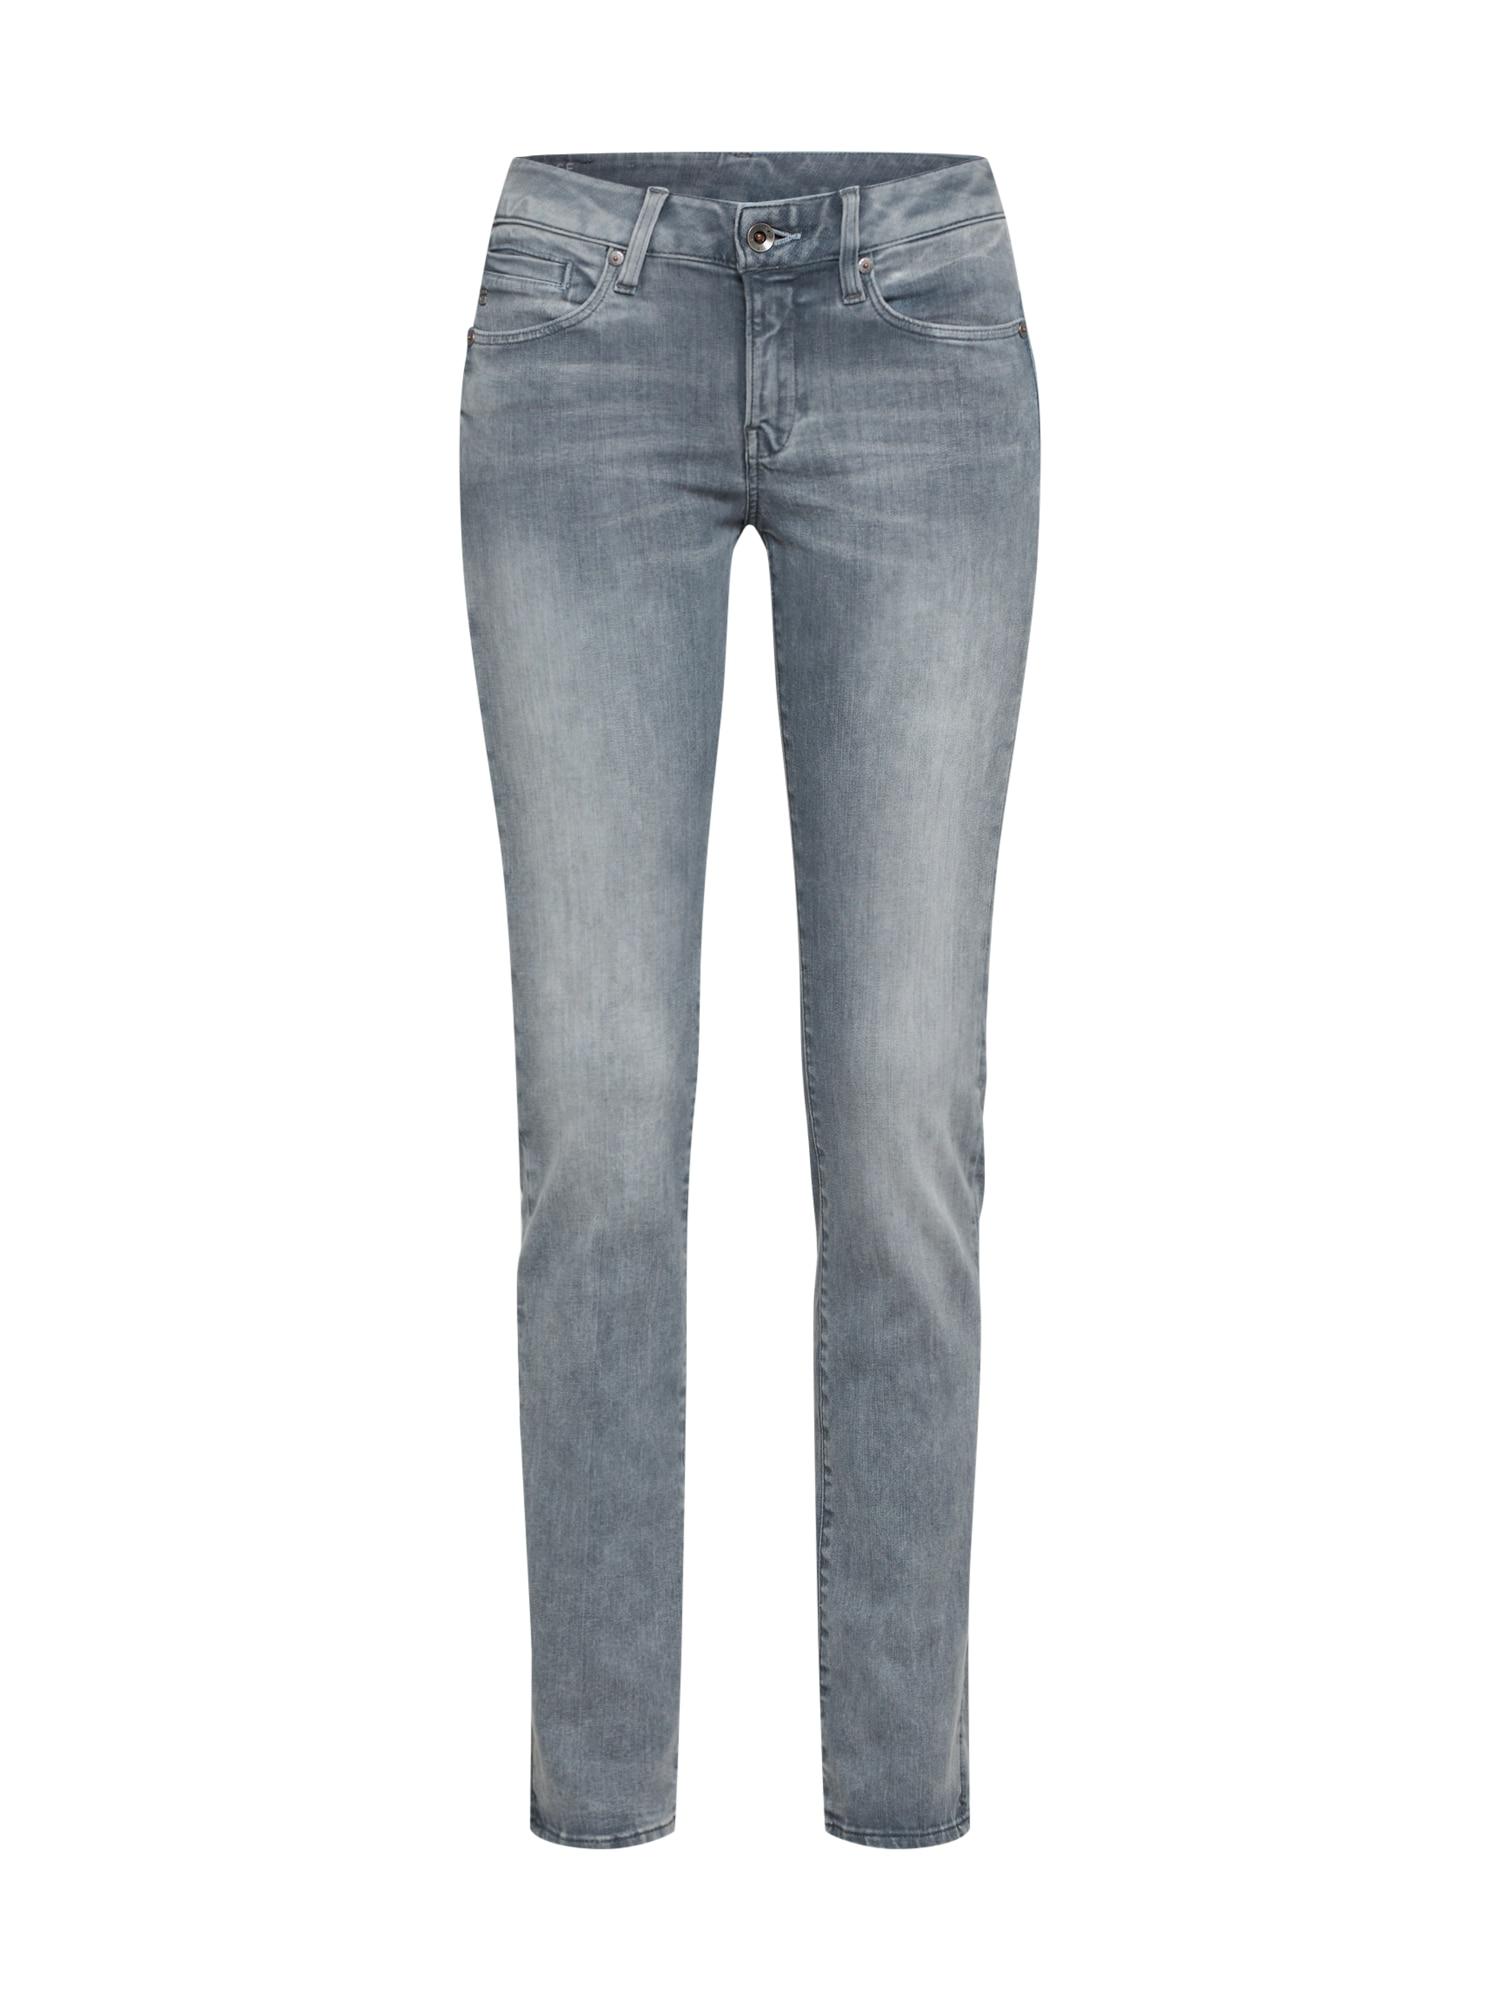 G-STAR RAW Dames Jeans Midge Mid Straight Wmn grijs